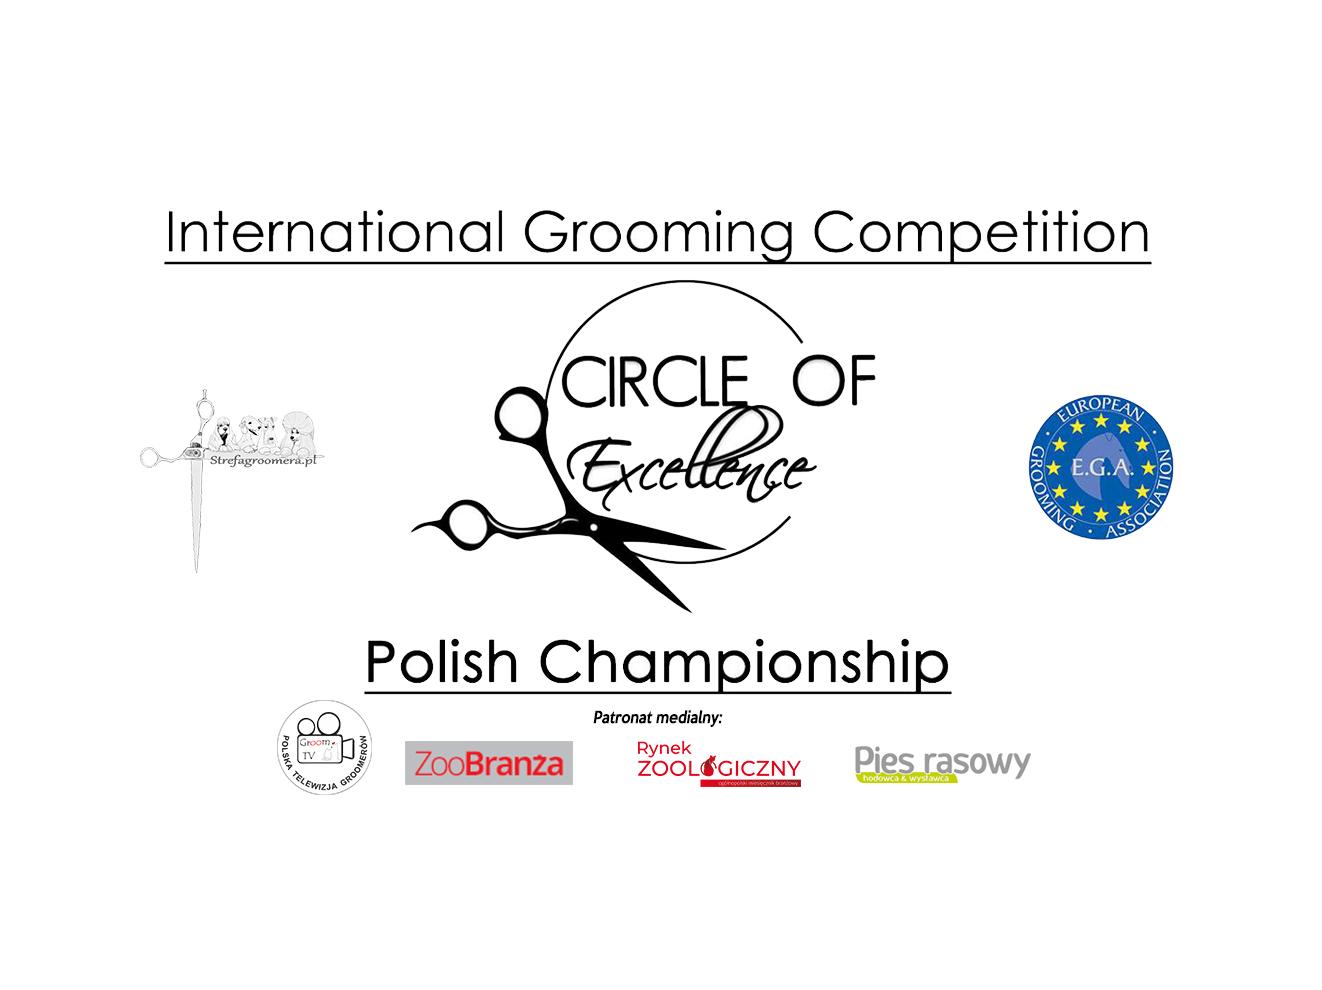 """Międzynarodowy Konkurs Groomingu """"Circle of Excellence"""""""